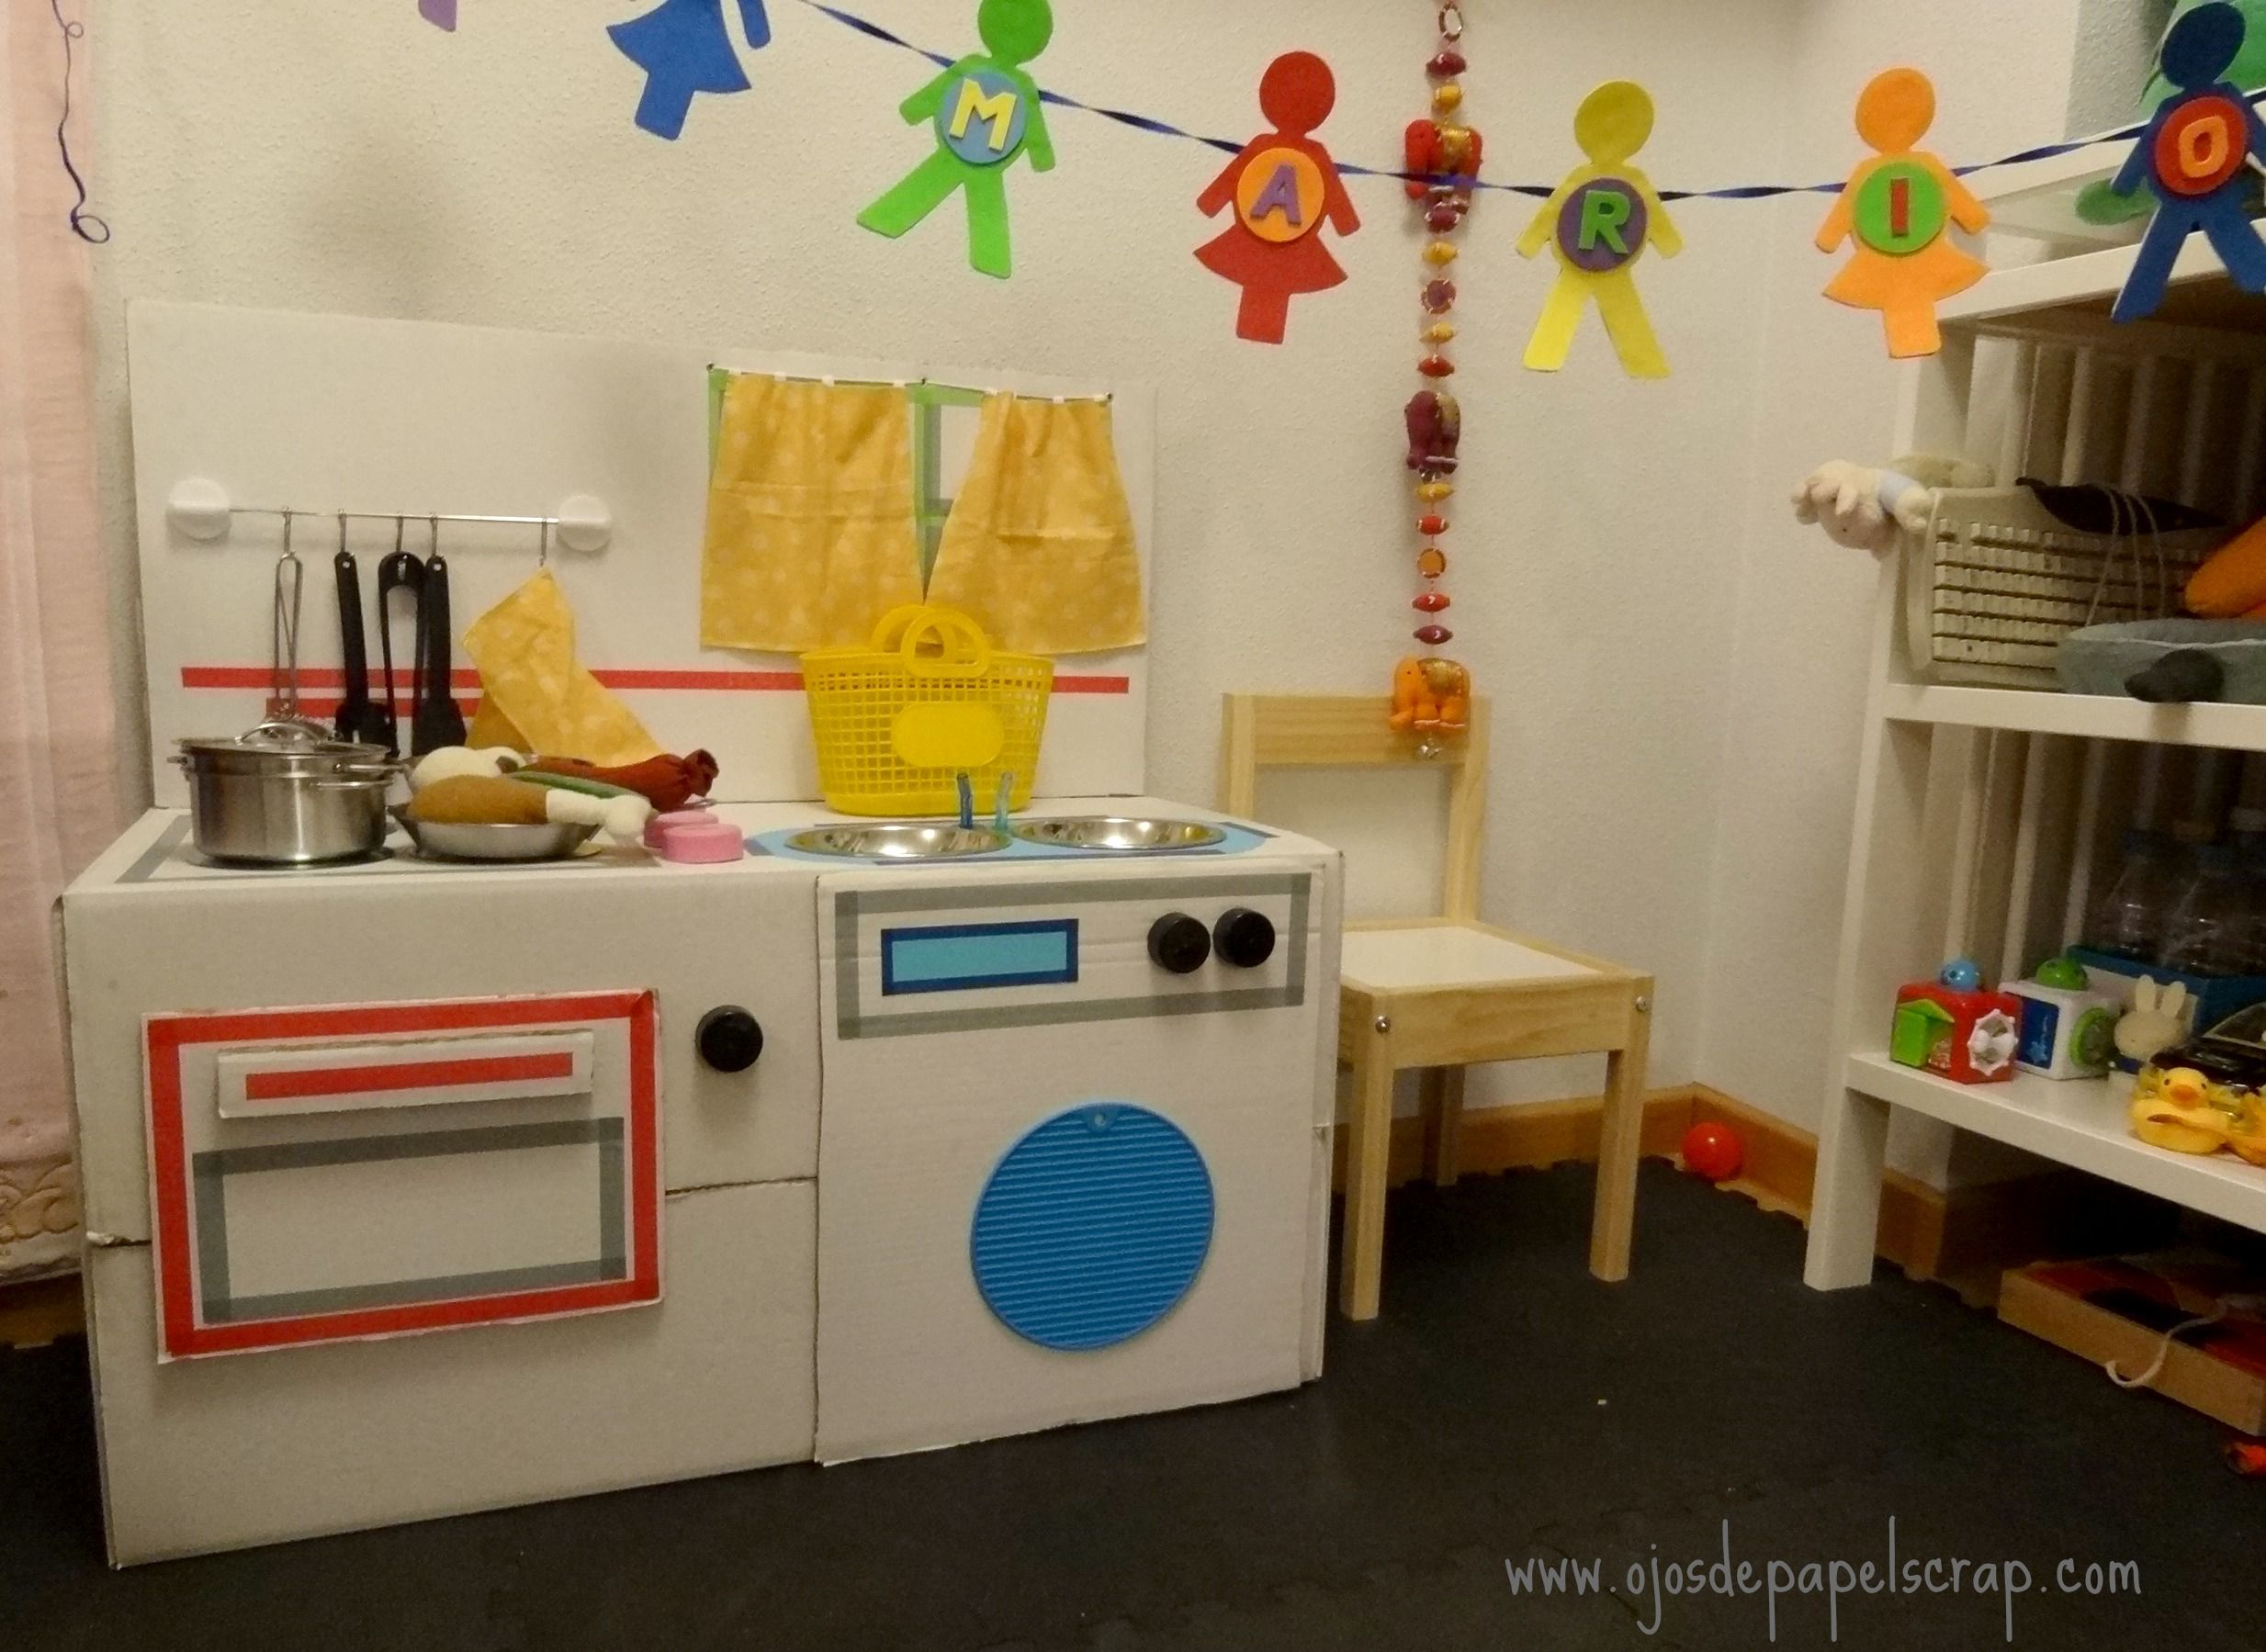 Cocina cart n ojos de papel trabajos ojos de papel for Cocina de carton